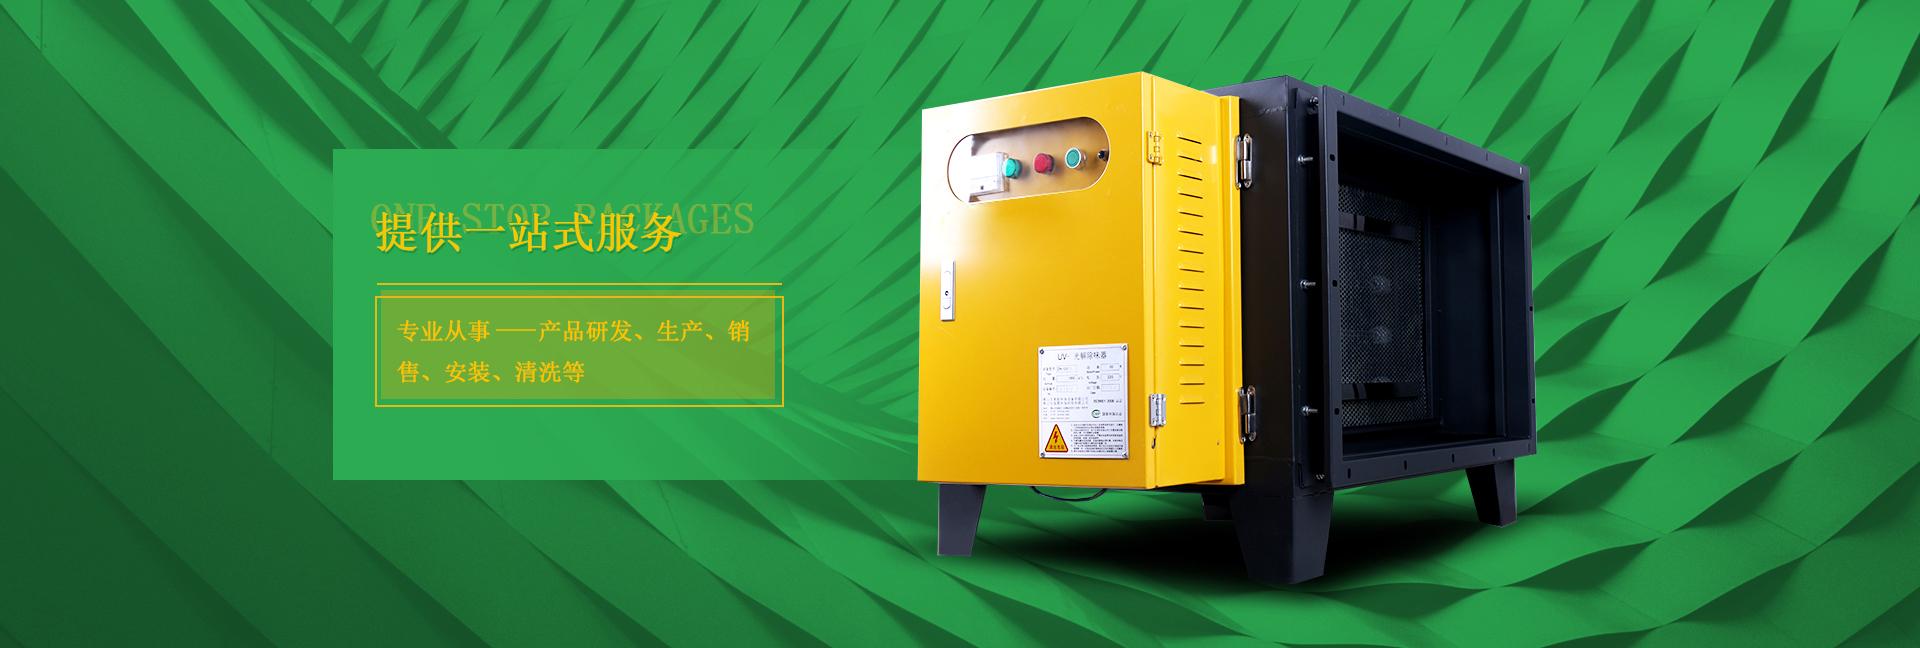 重庆油烟净化设备